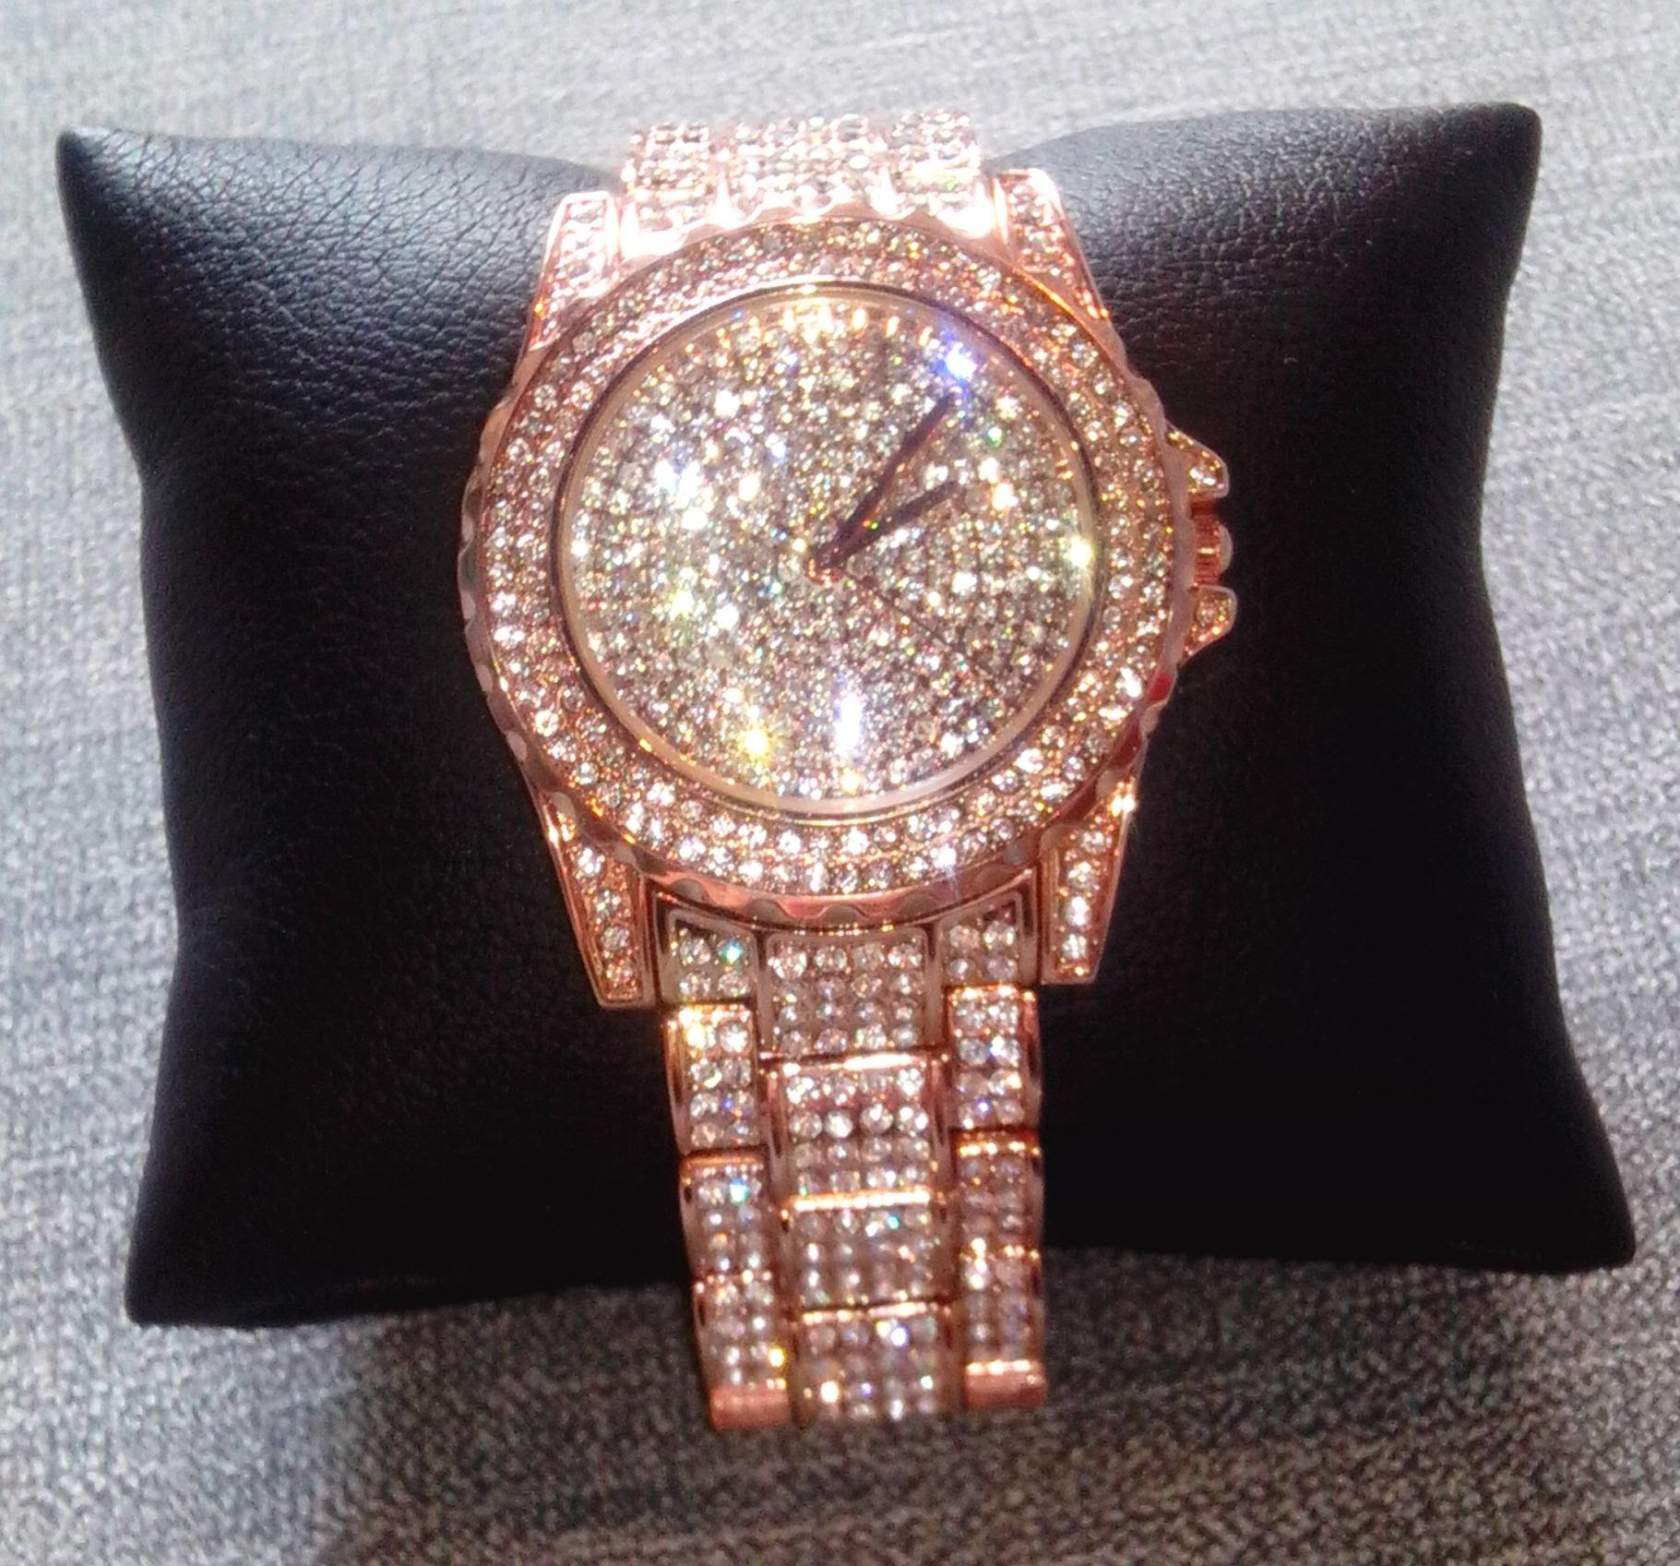 Наш интернет-магазин дает возможность приобрести женские часы сваровски, цена которых не слишком высока, – прямо сейчас.